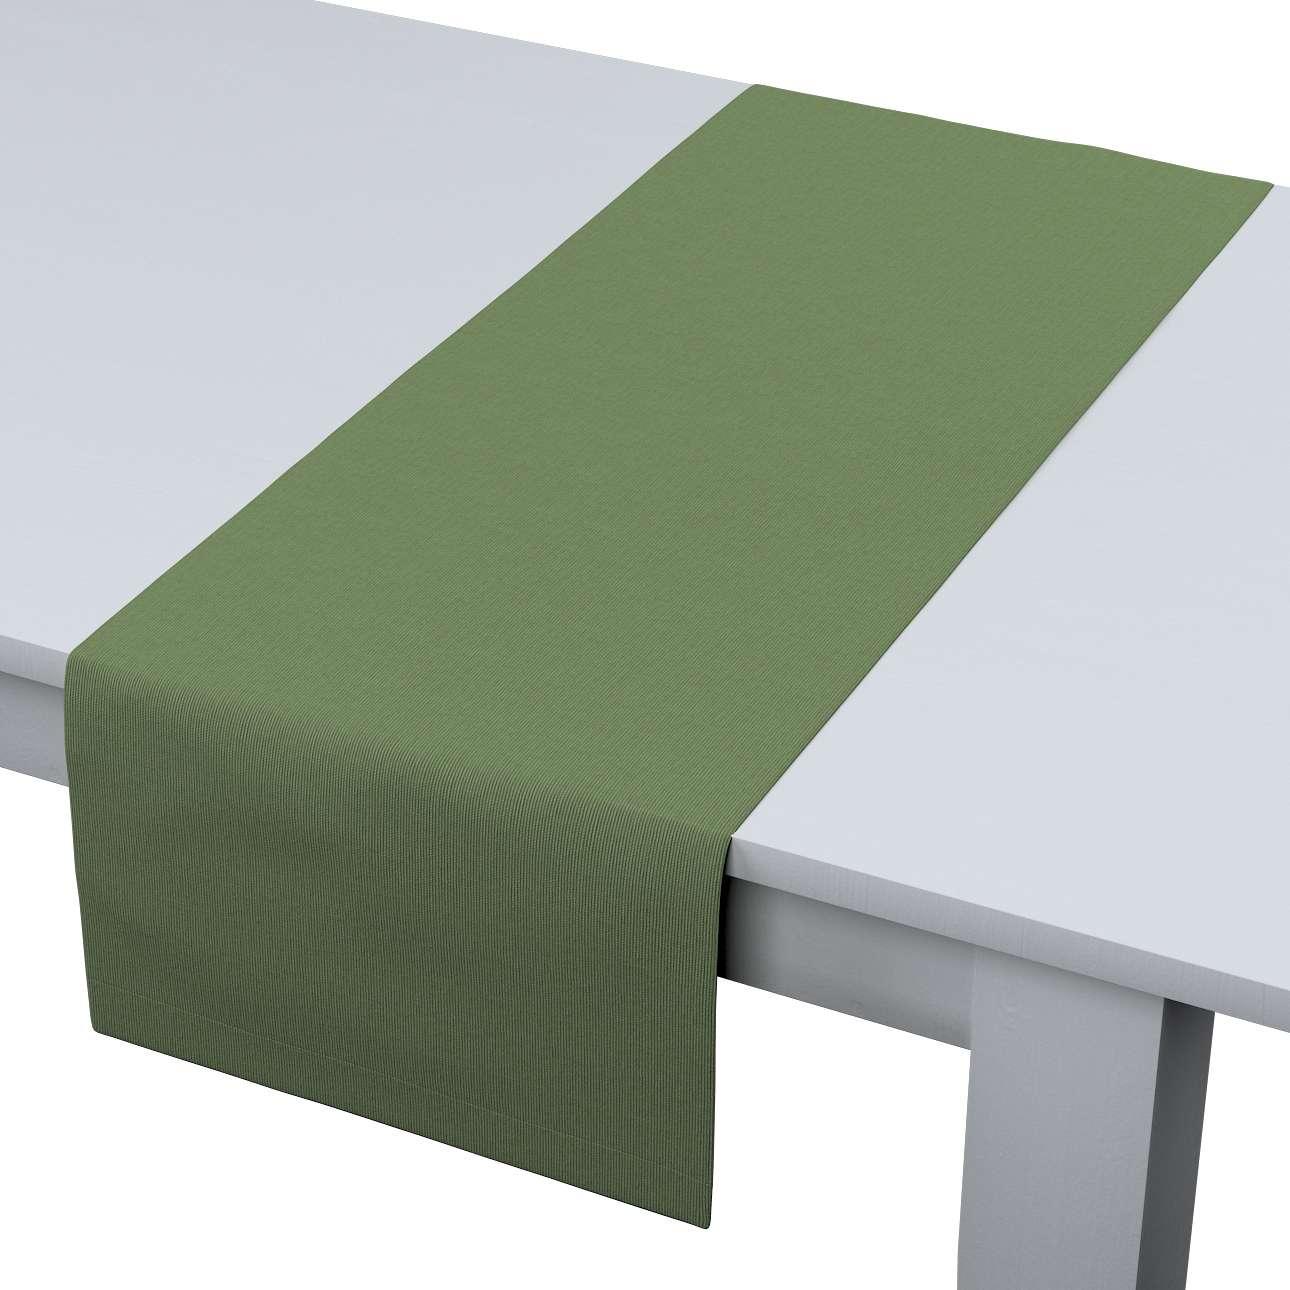 Rechteckiger Tischläufer 40 x 130 cm von der Kollektion Jupiter, Stoff: 127-52